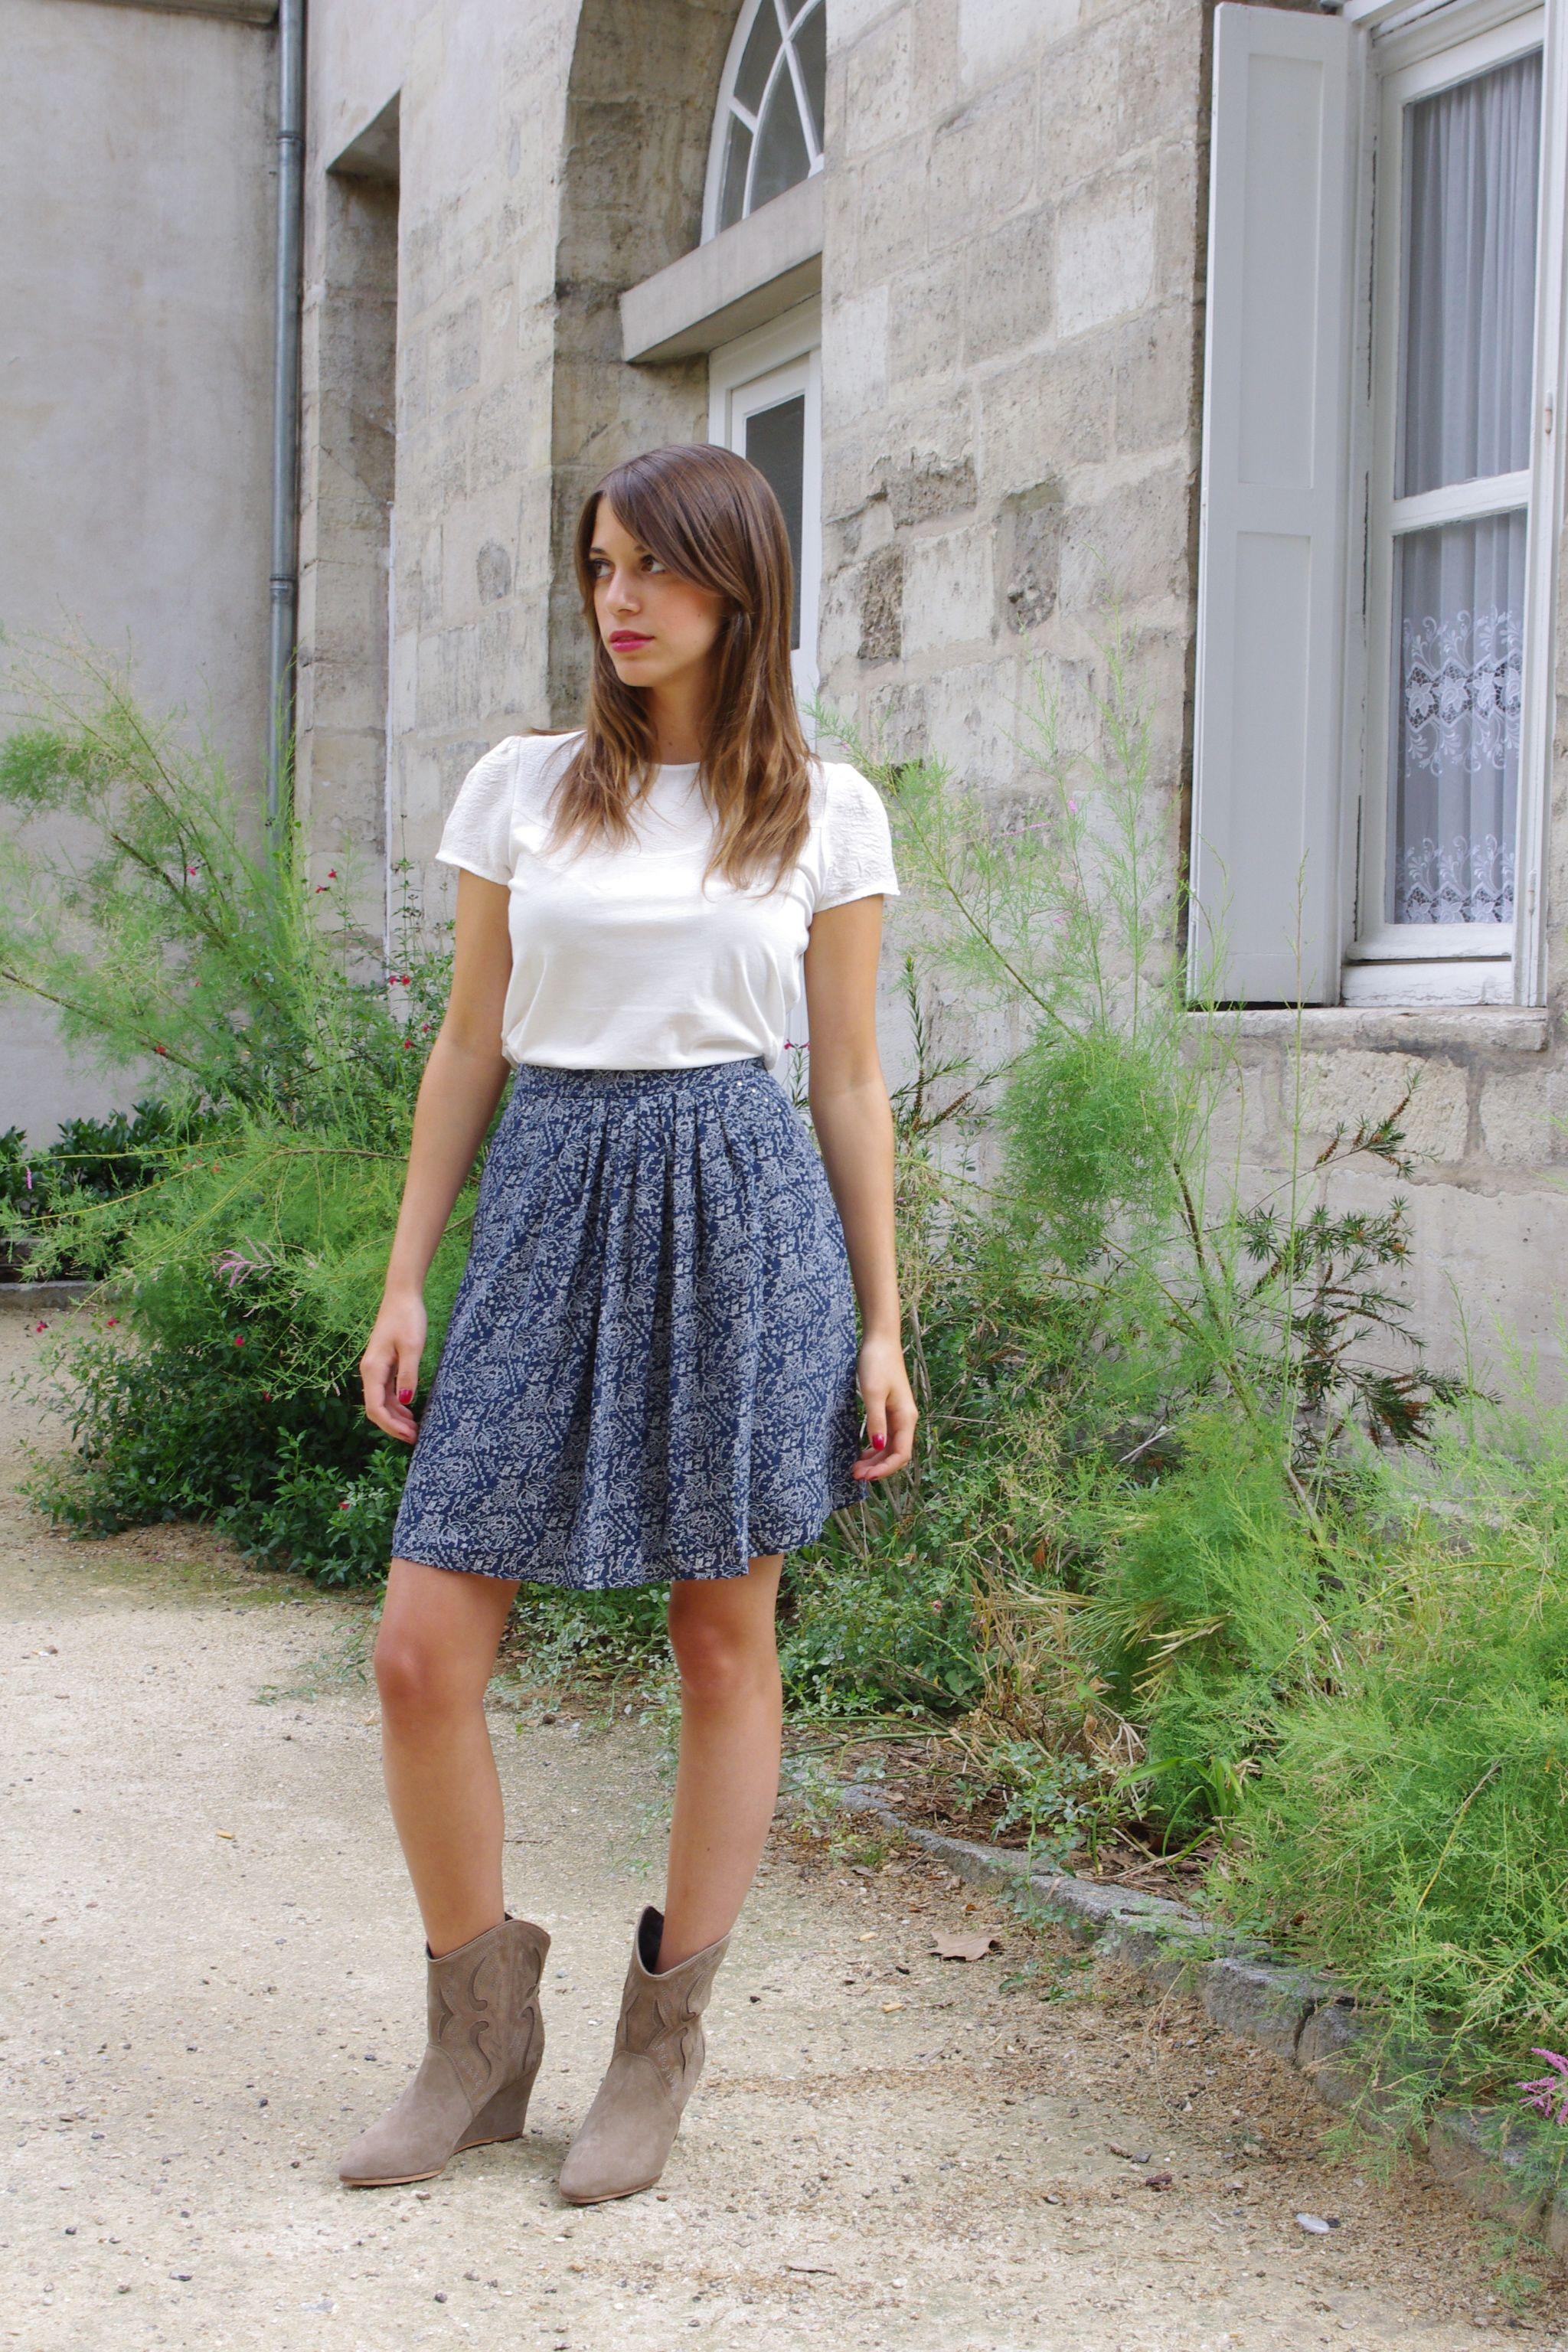 Levana For Comptoir Des Cotonniers Poudre Shirt Perlon Skirt Pepite Boots